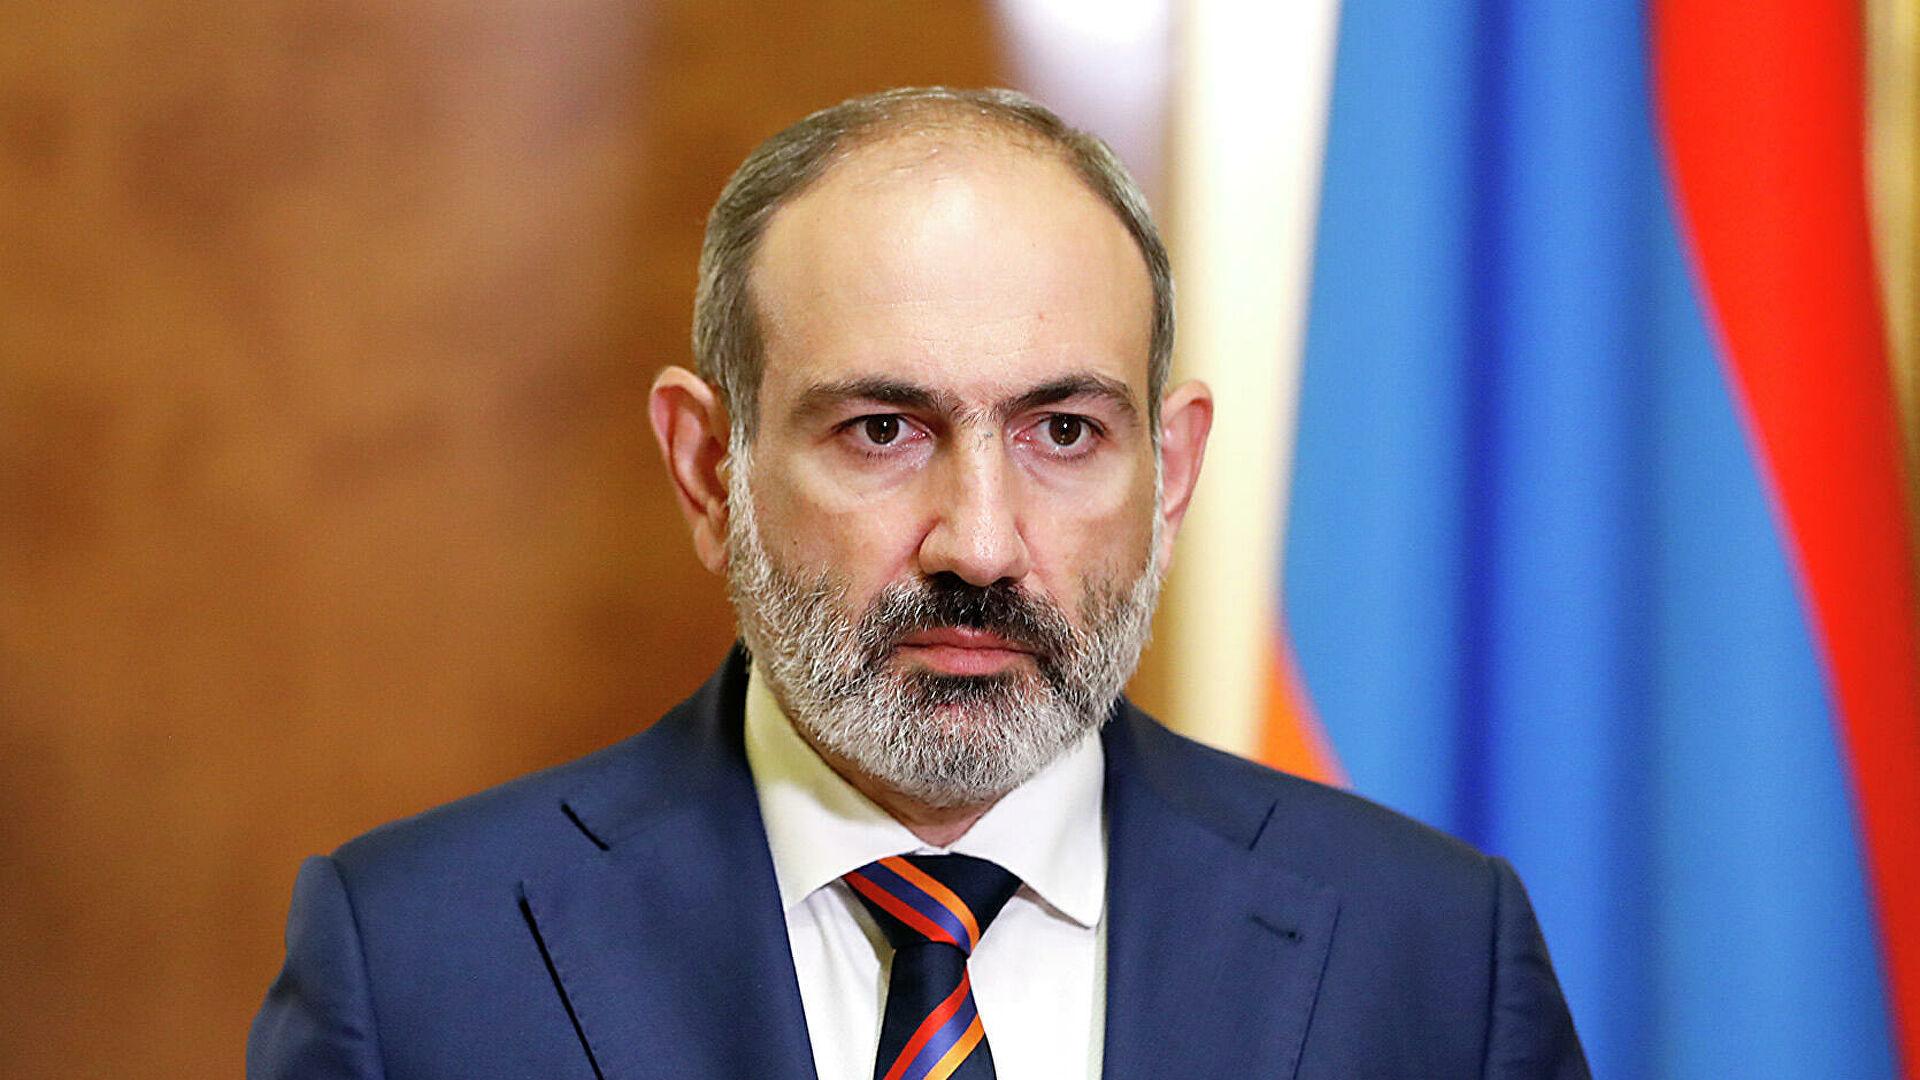 Пашињан: Јерменија увек била спремна за мирно решавање проблема Карабаха